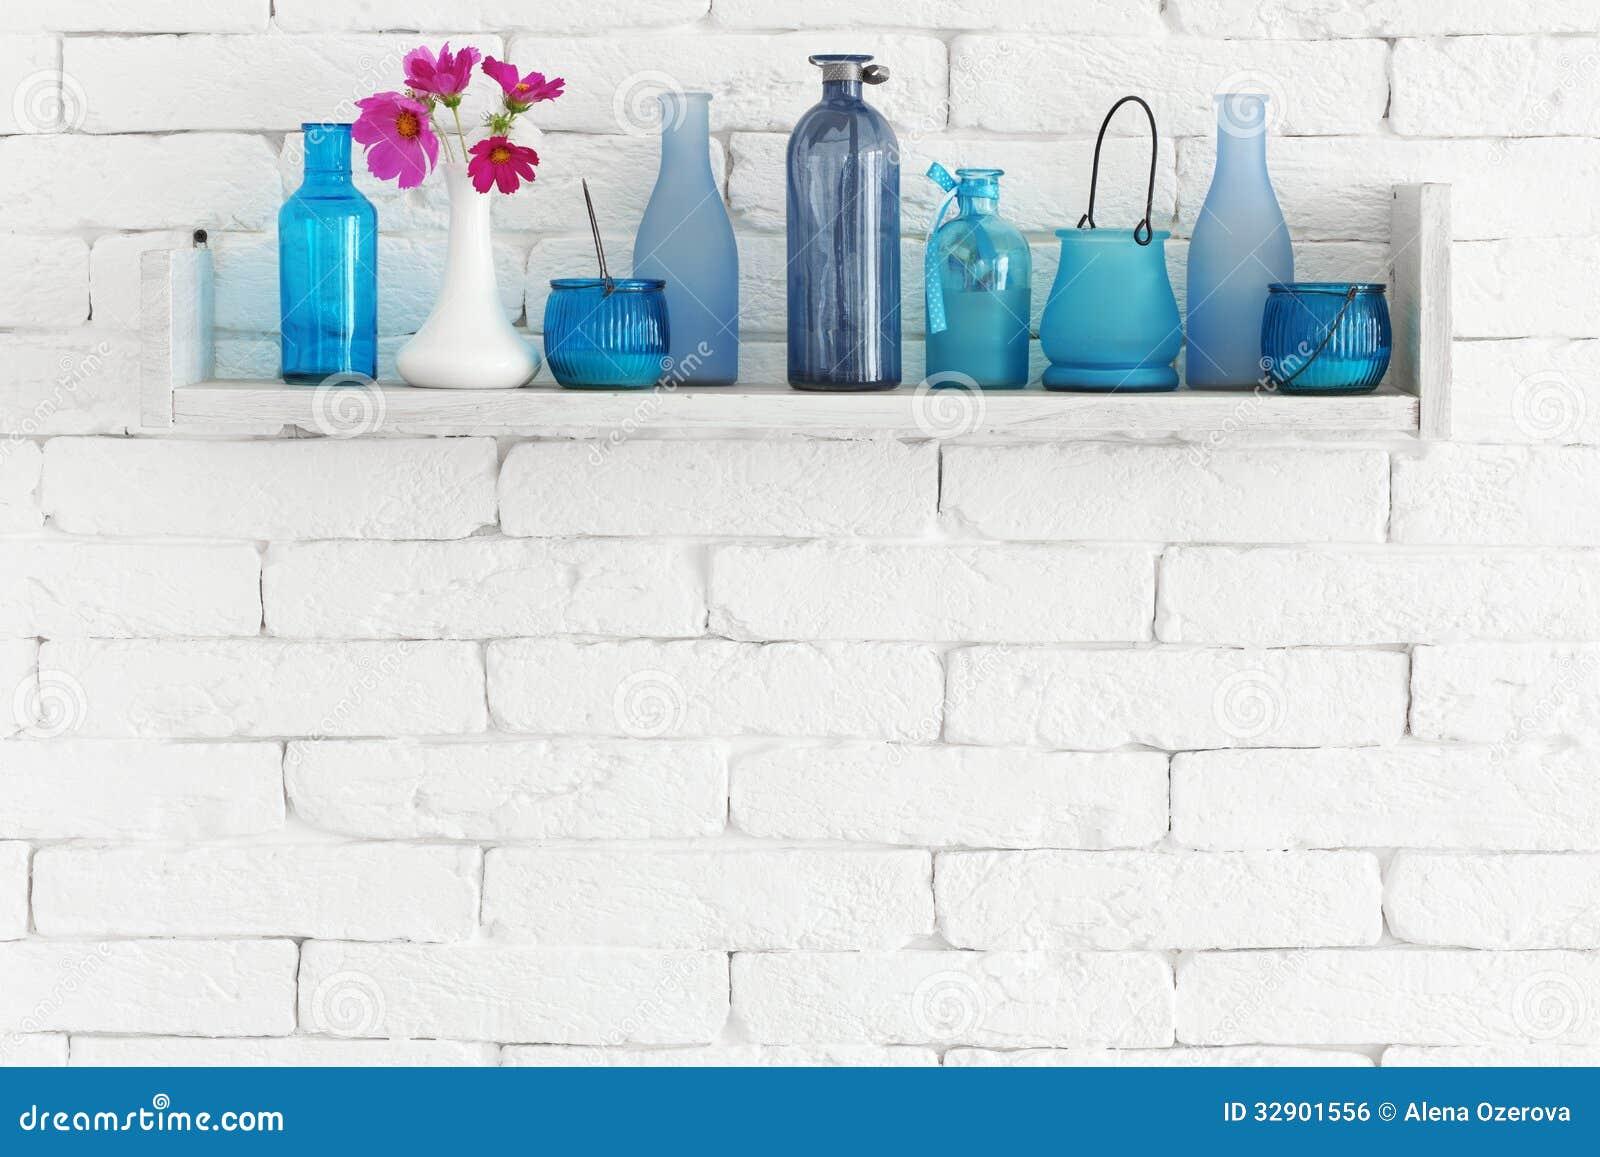 Flaskor på en hylla